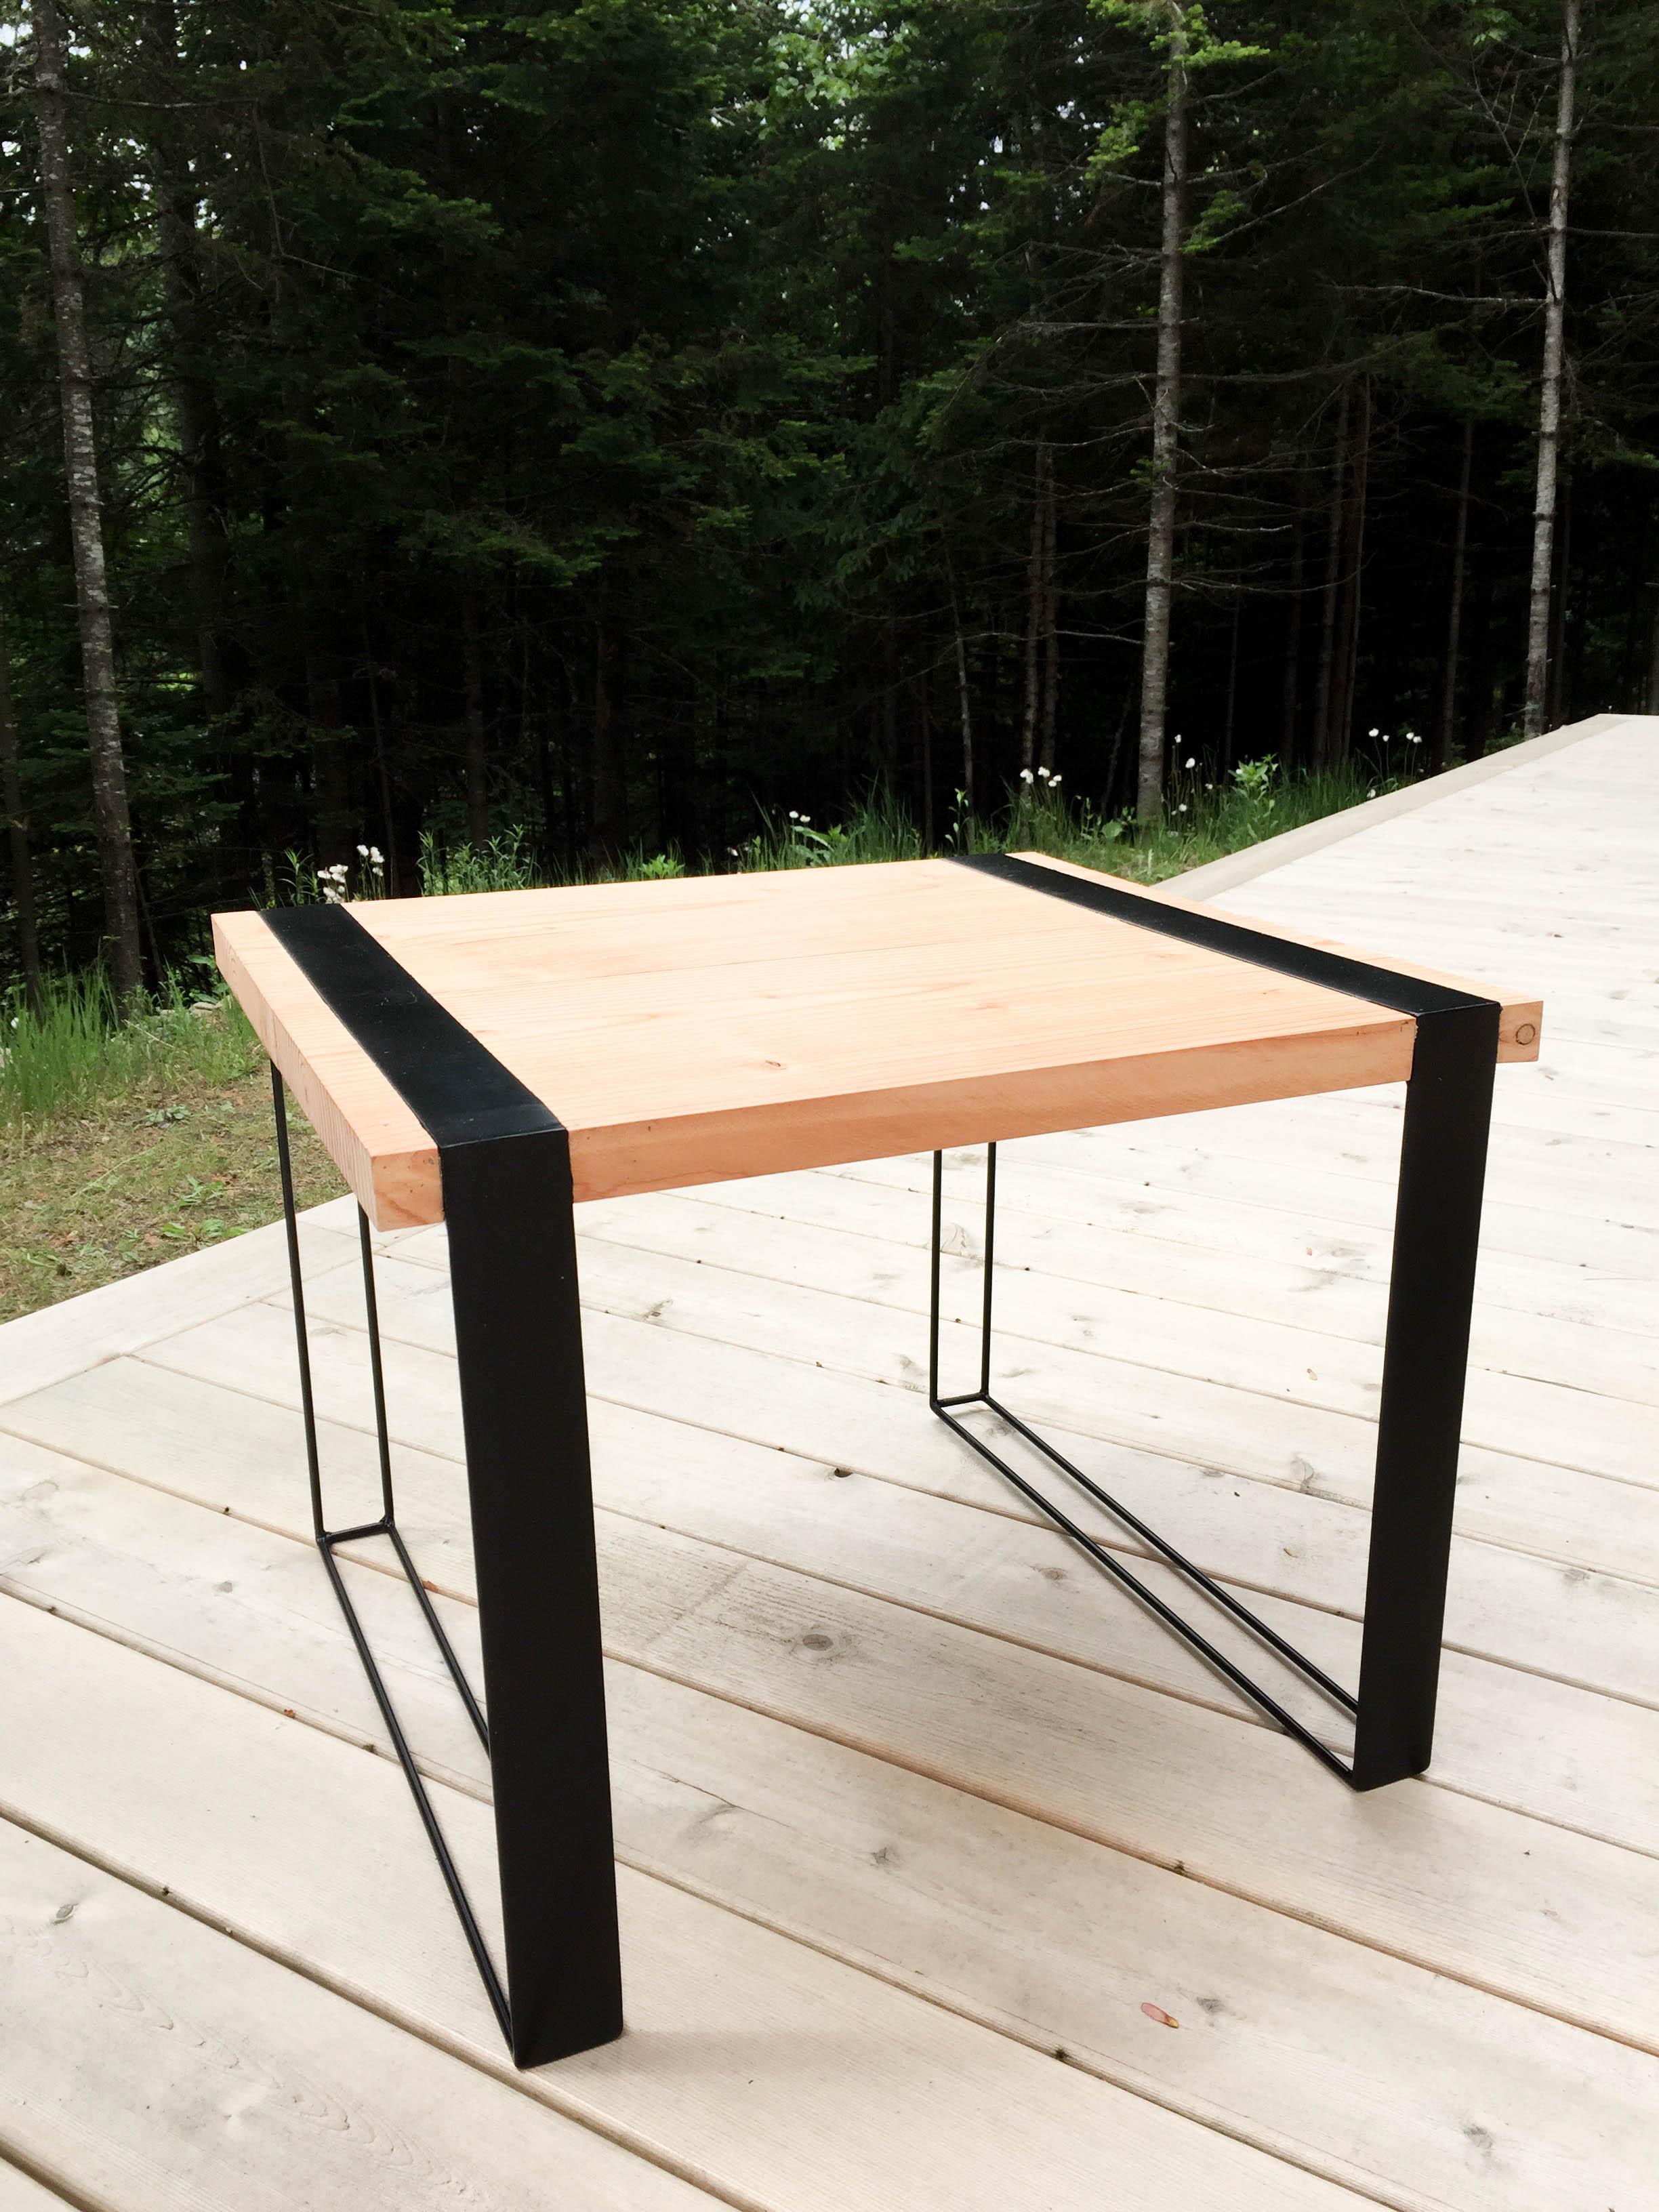 meubles roll 3-17